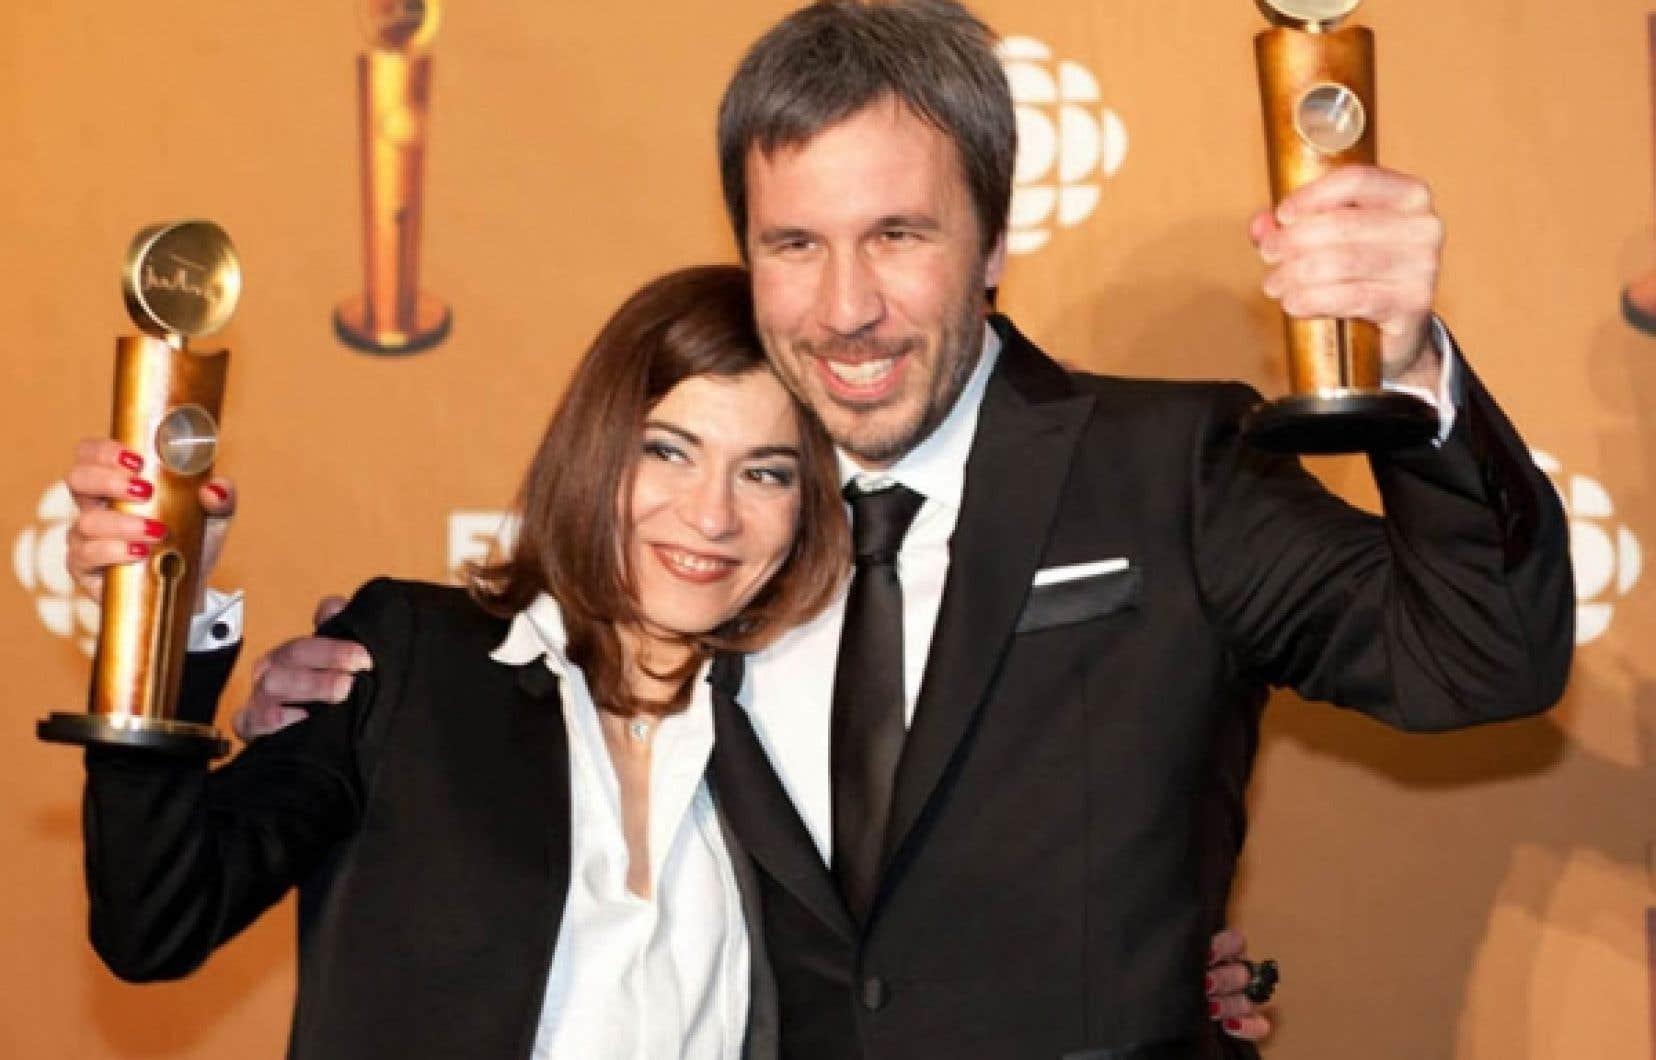 L&rsquo;actrice Lubna Azabal et le r&eacute;alisateur Denis Villeneuve, dont le film Incendies a r&eacute;colt&eacute; neuf statuettes au gala des Jutra pr&eacute;sent&eacute; hier soir au Th&eacute;&acirc;tre Saint-Denis.<br />